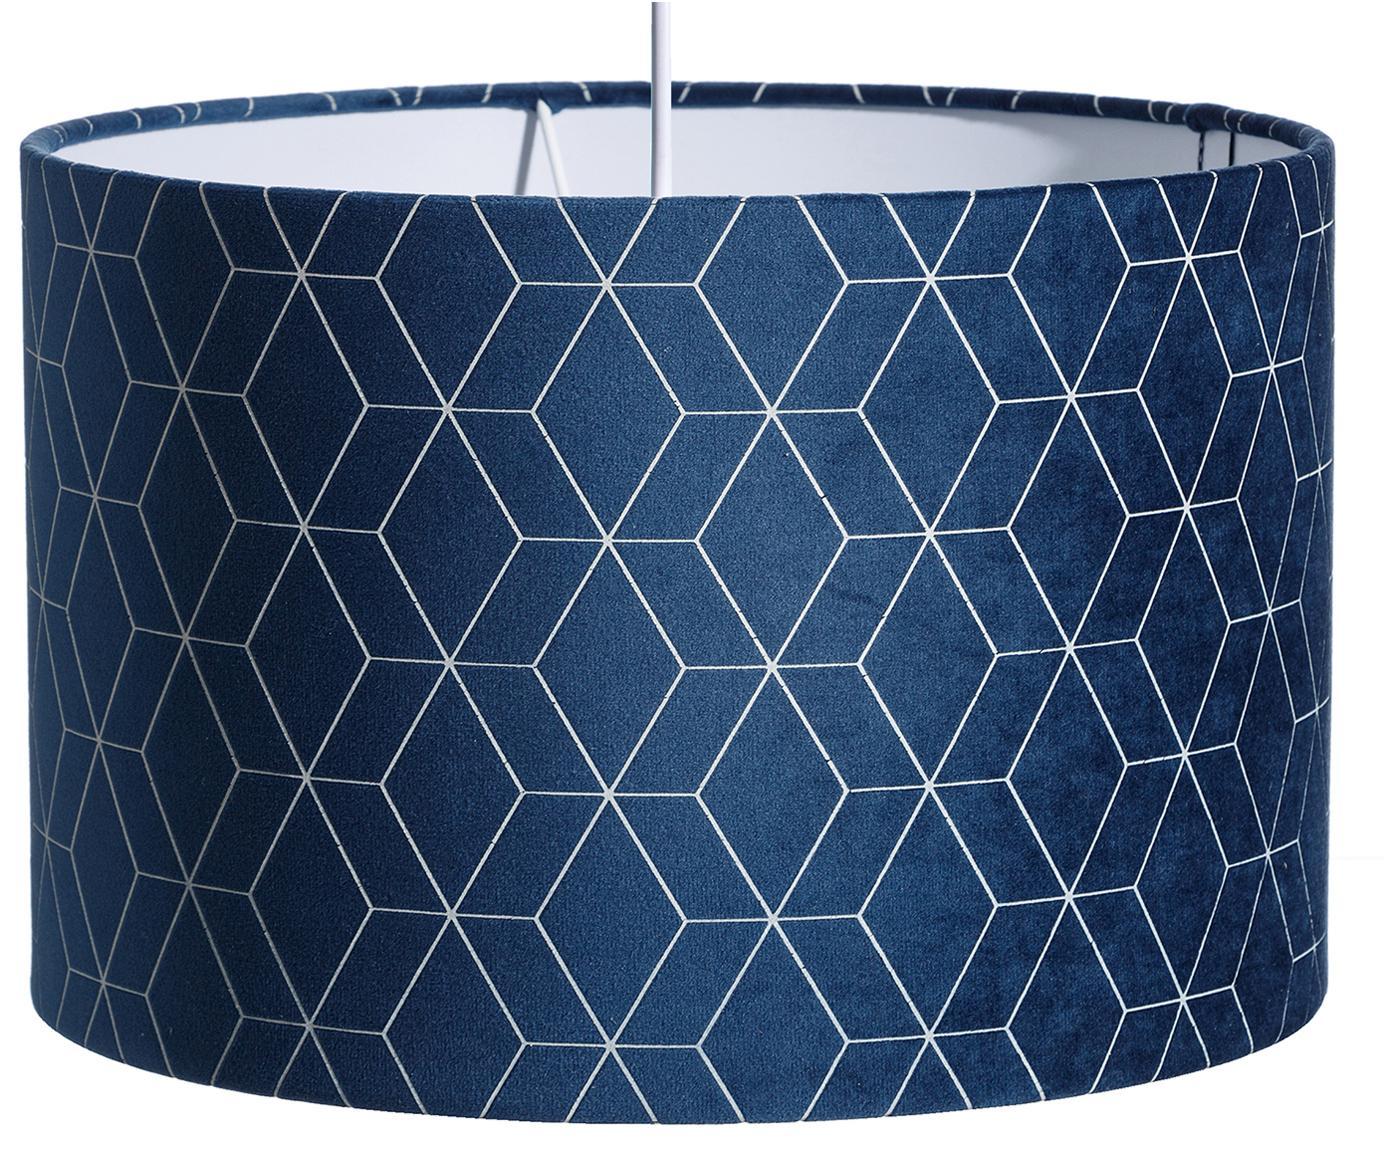 Lampada a sospensione Geometric, Tessuto, Blu, argentato, Ø 30 x Prof. 30 cm